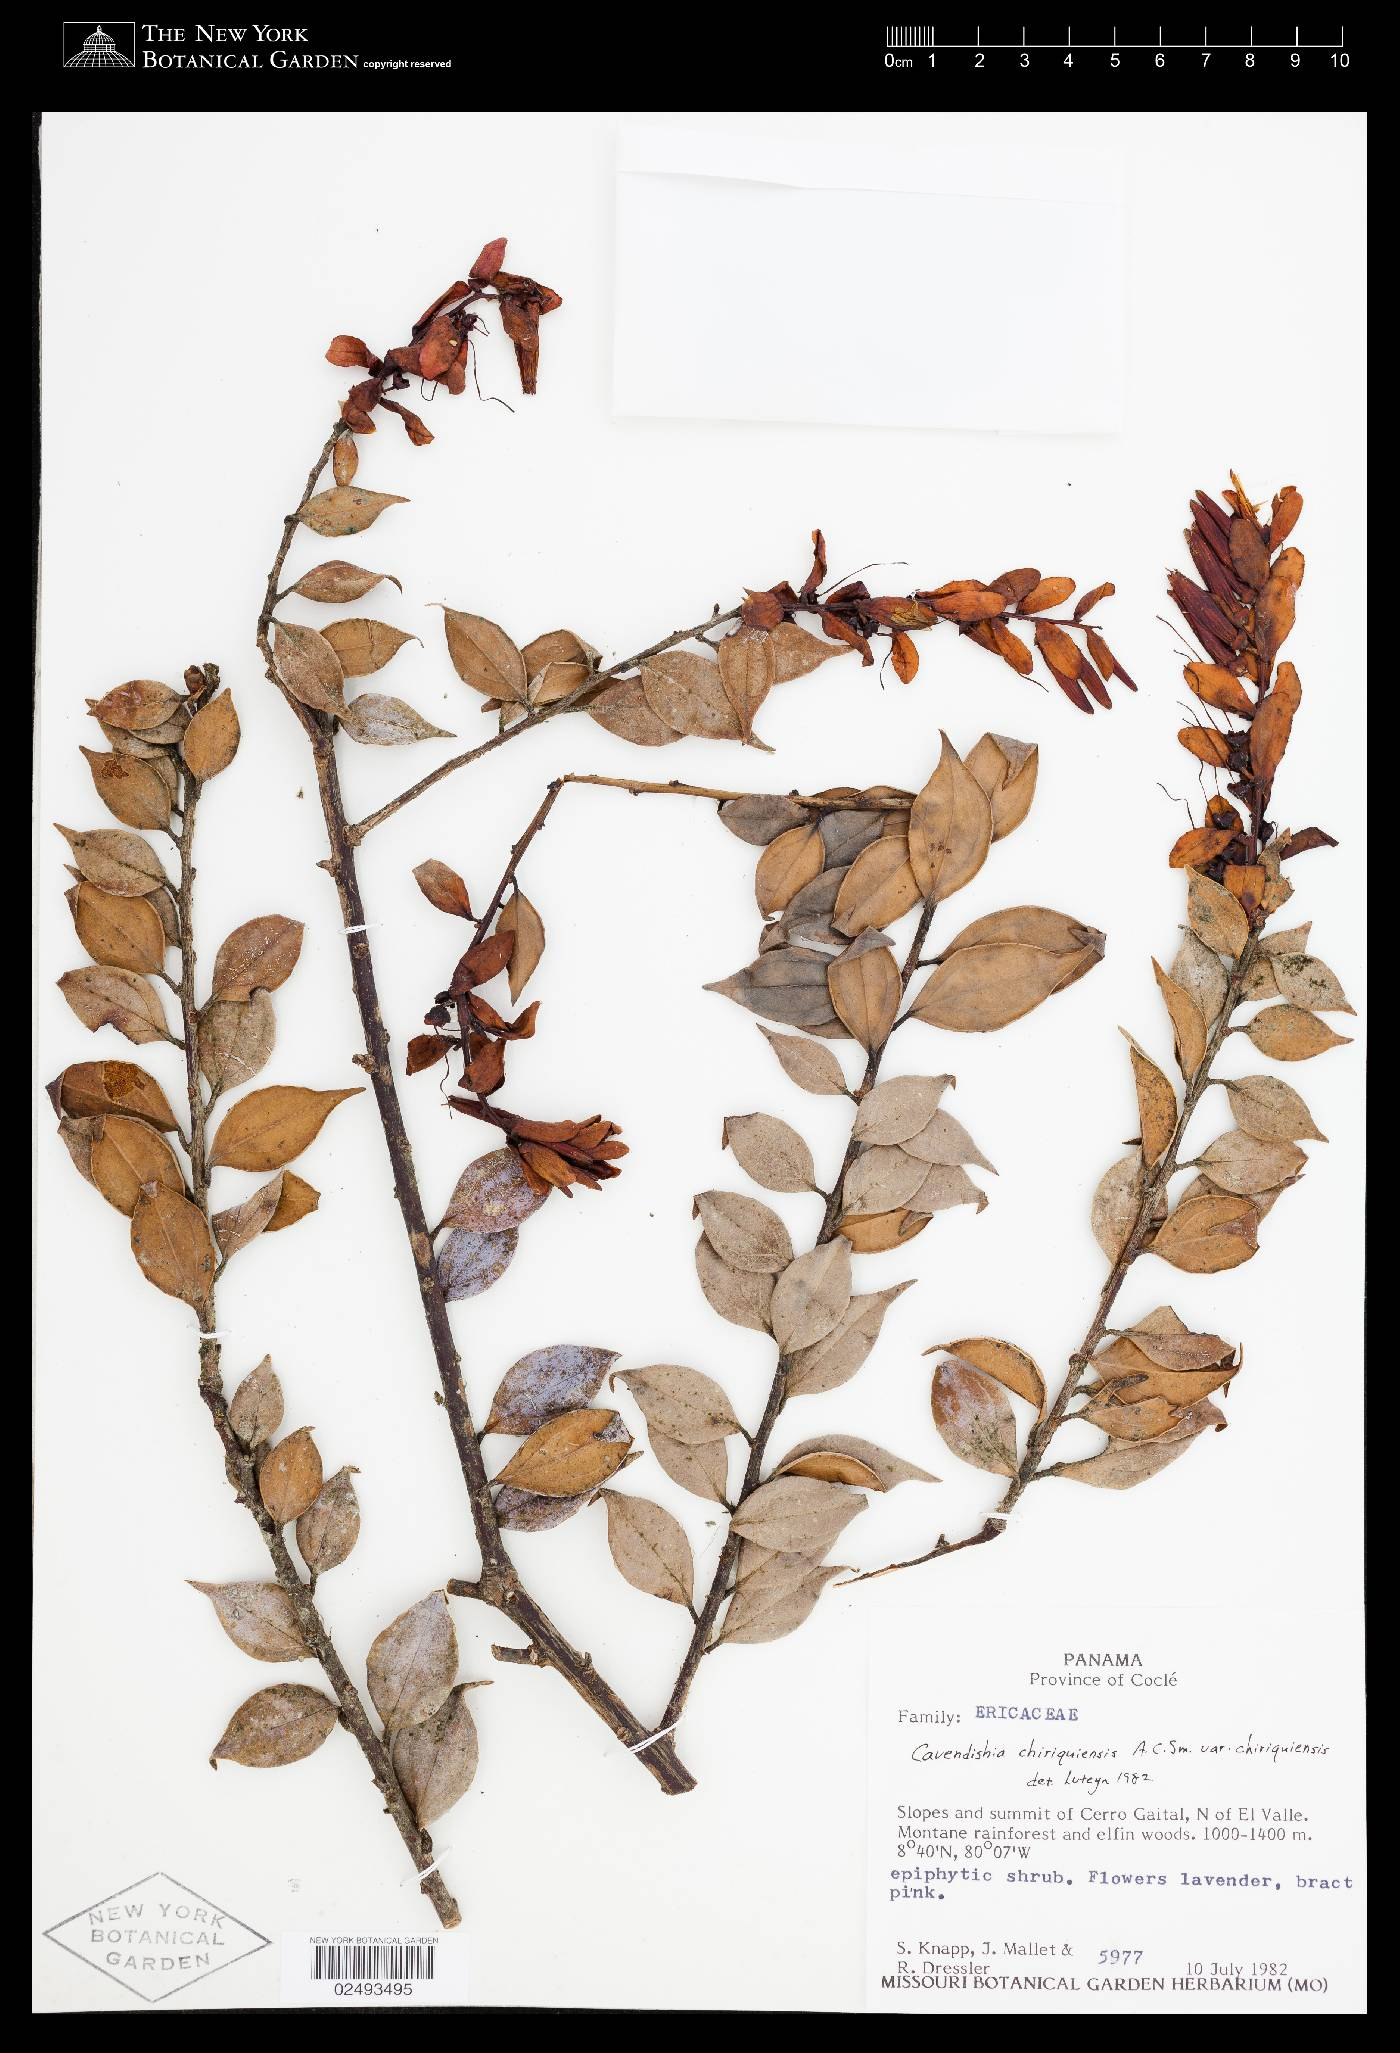 Cavendishia chiriquiensis image